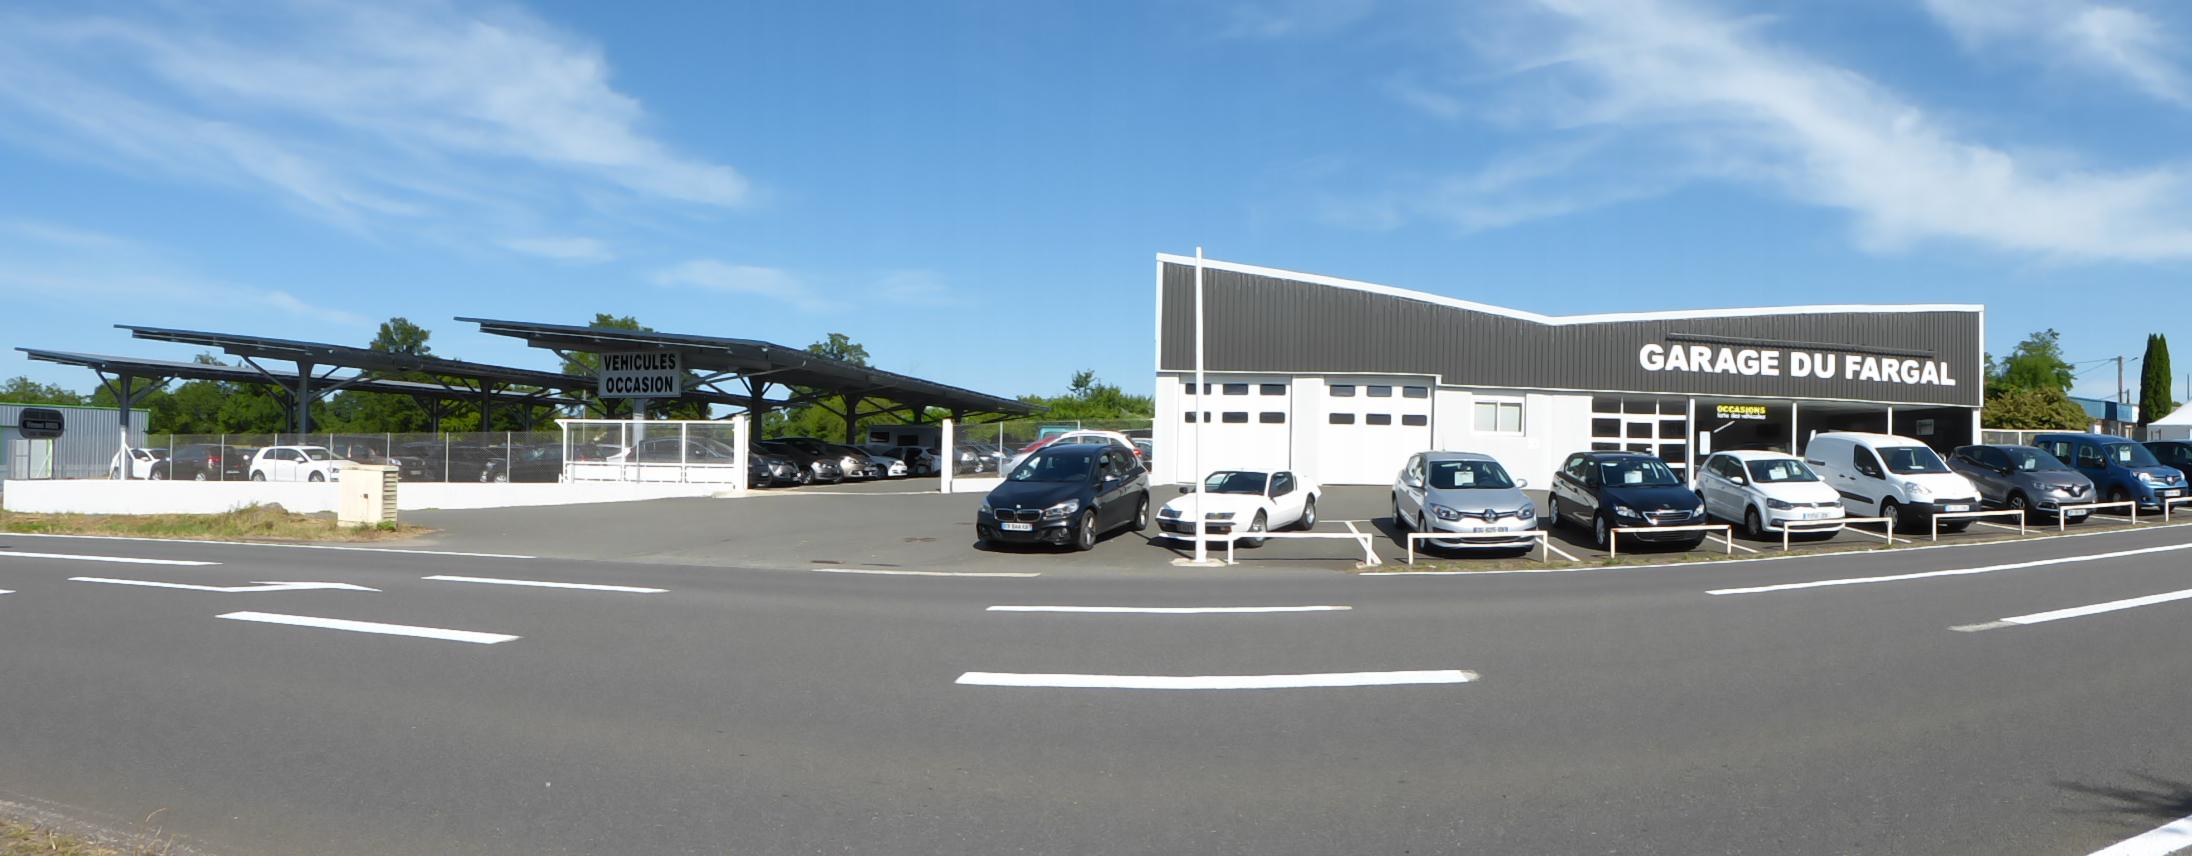 Garage du fargal voiture occasion montbazens vente for Garage vente voiture occasion bouches du rhone